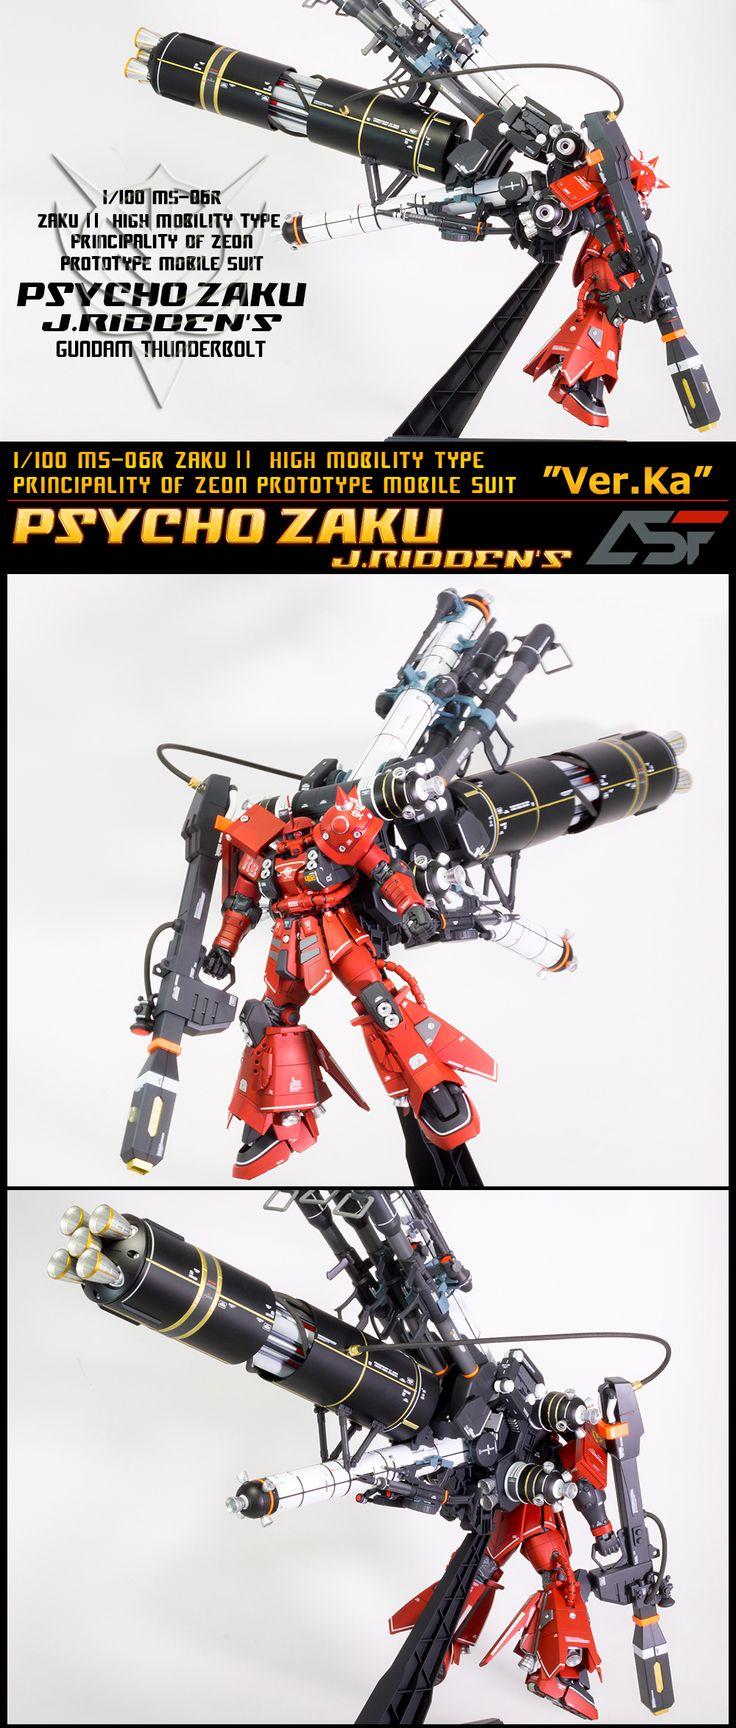 MG1/100 PSYCHO ZAKU サイコザク ジョニーライデン - ヤフオク!